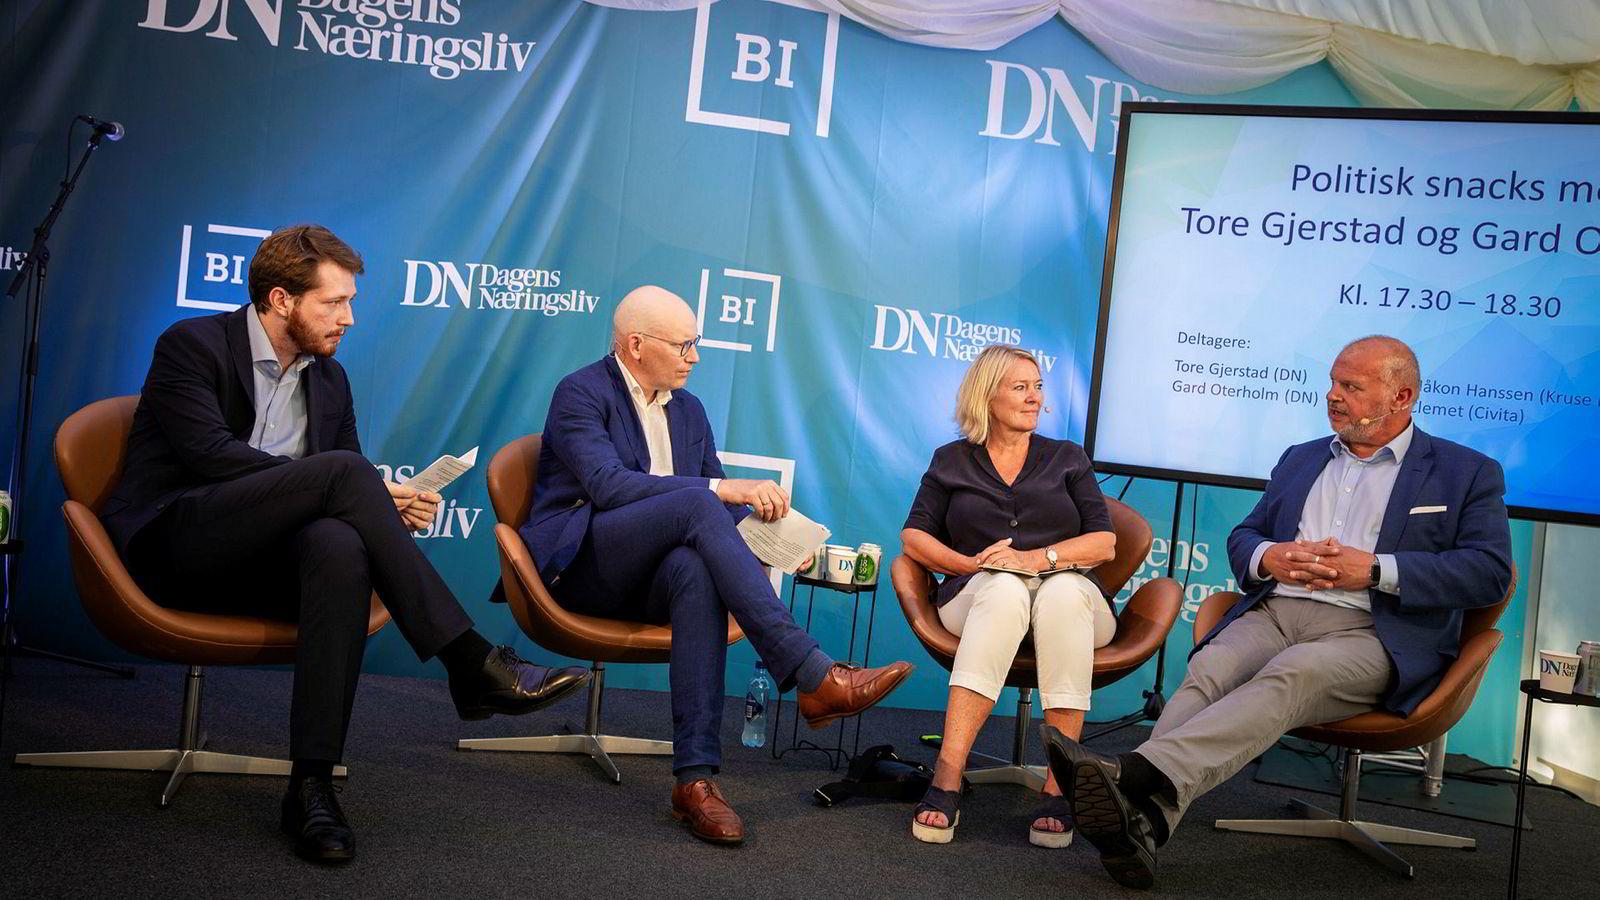 Civita-leder Kristin Clemet og Kruse-Larsen-partner Bjarne Håkon Hanssen ble intervjuet av DNs politiske reportere Gard Oterholm og Tore Gjerstad.